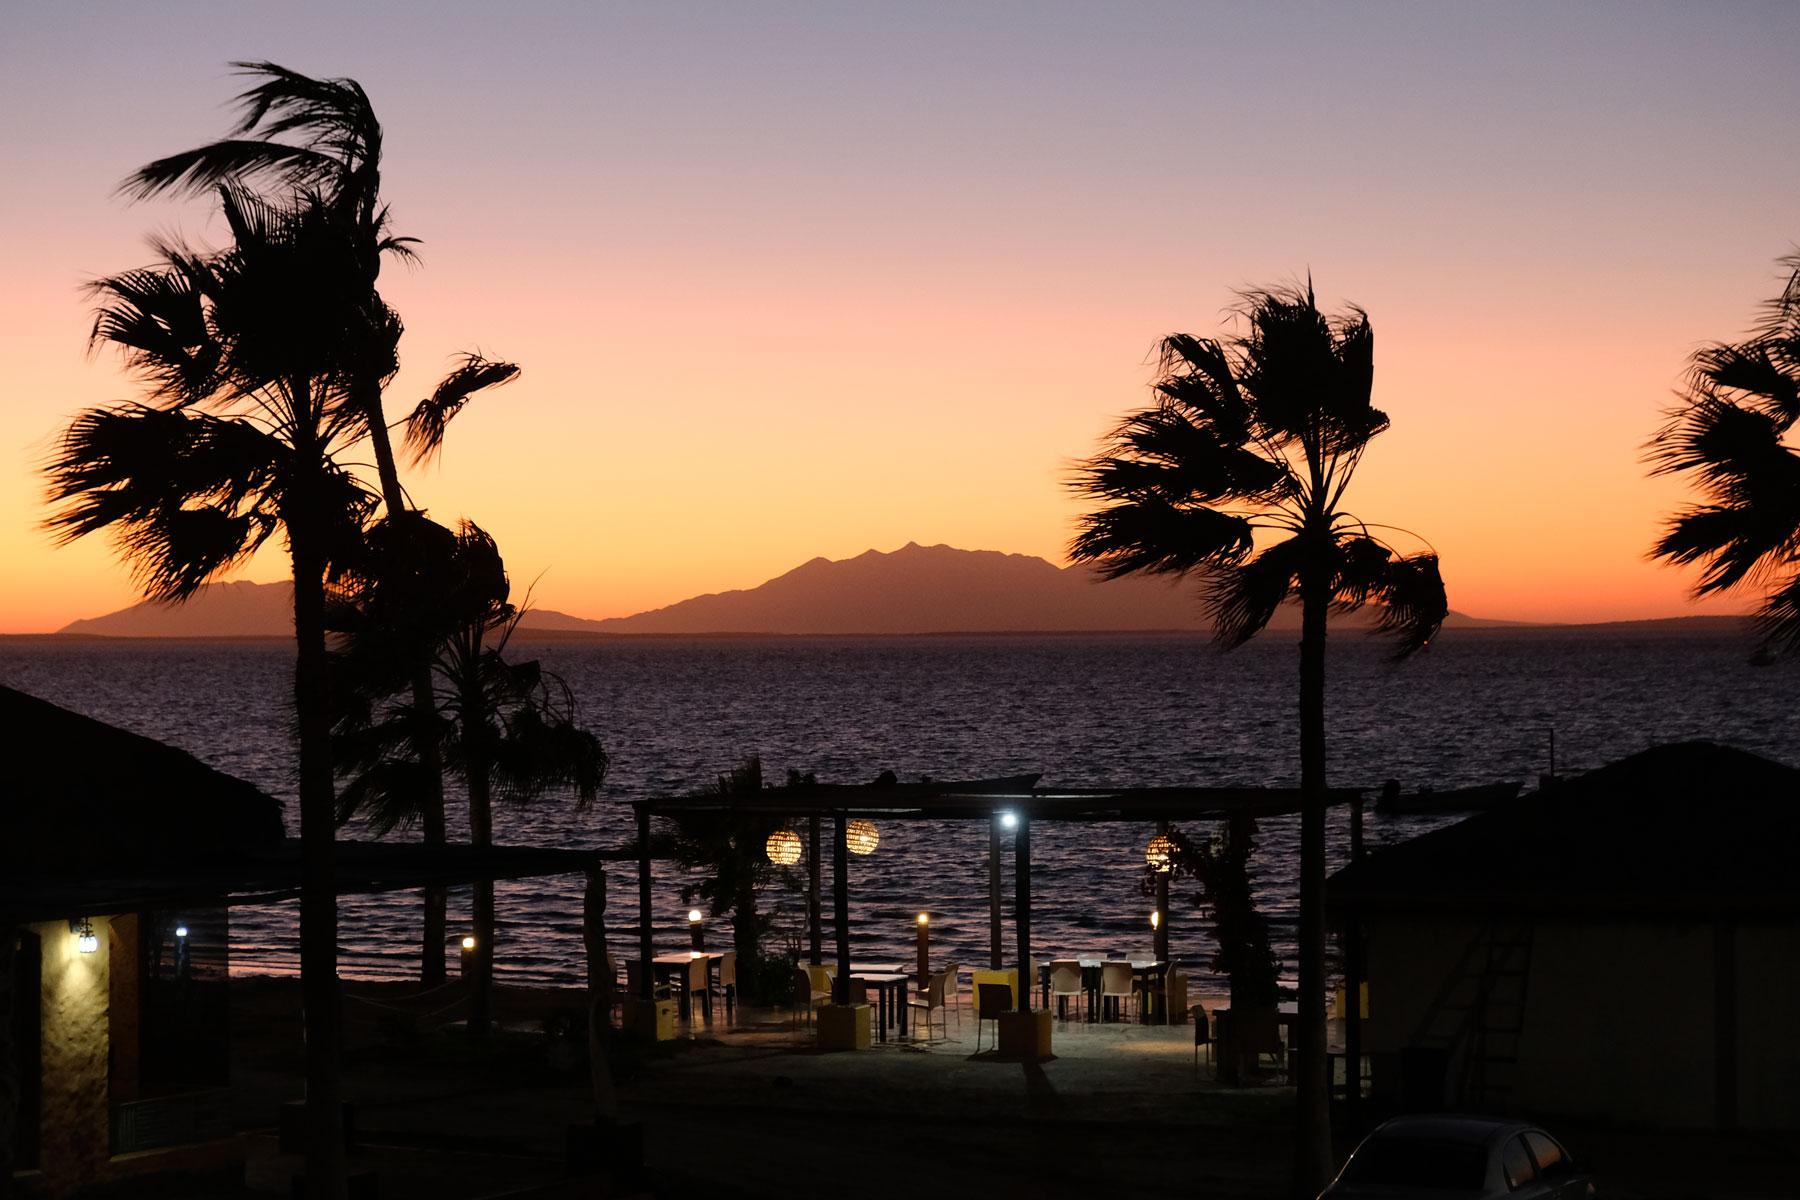 Palmen und eine beleuchtete Bar, dahinter geht die Sonne unter.